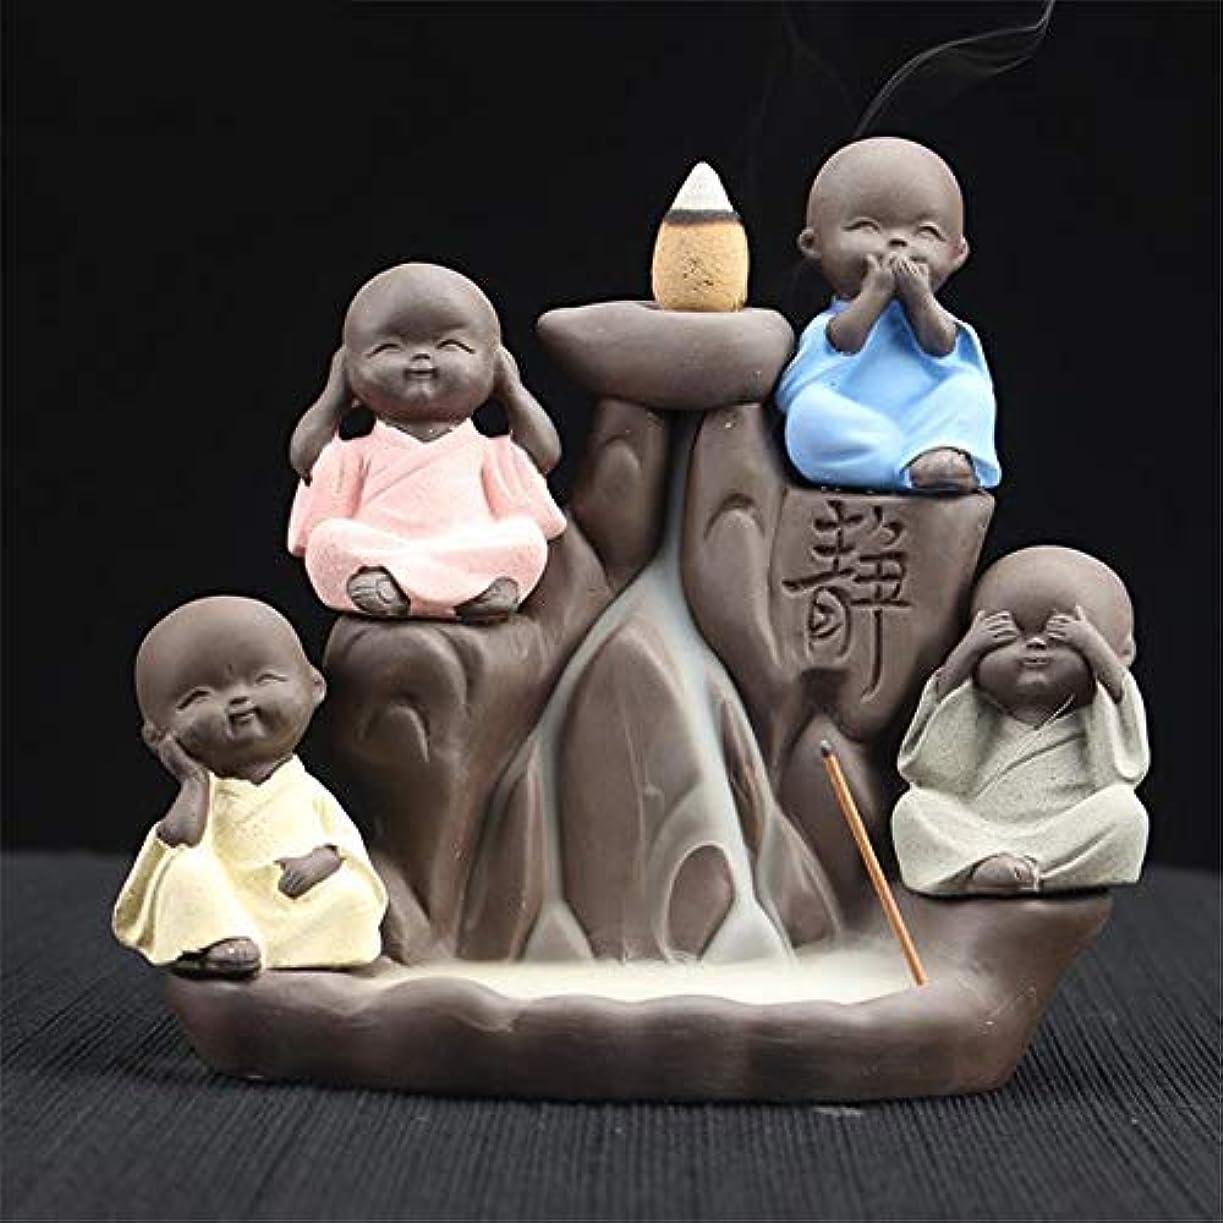 パイント眉奴隷DLXZX Rockery Little Monk Backflow Incense Burner Home Decor Incense Stick Holder Creative Crafts Ornaments